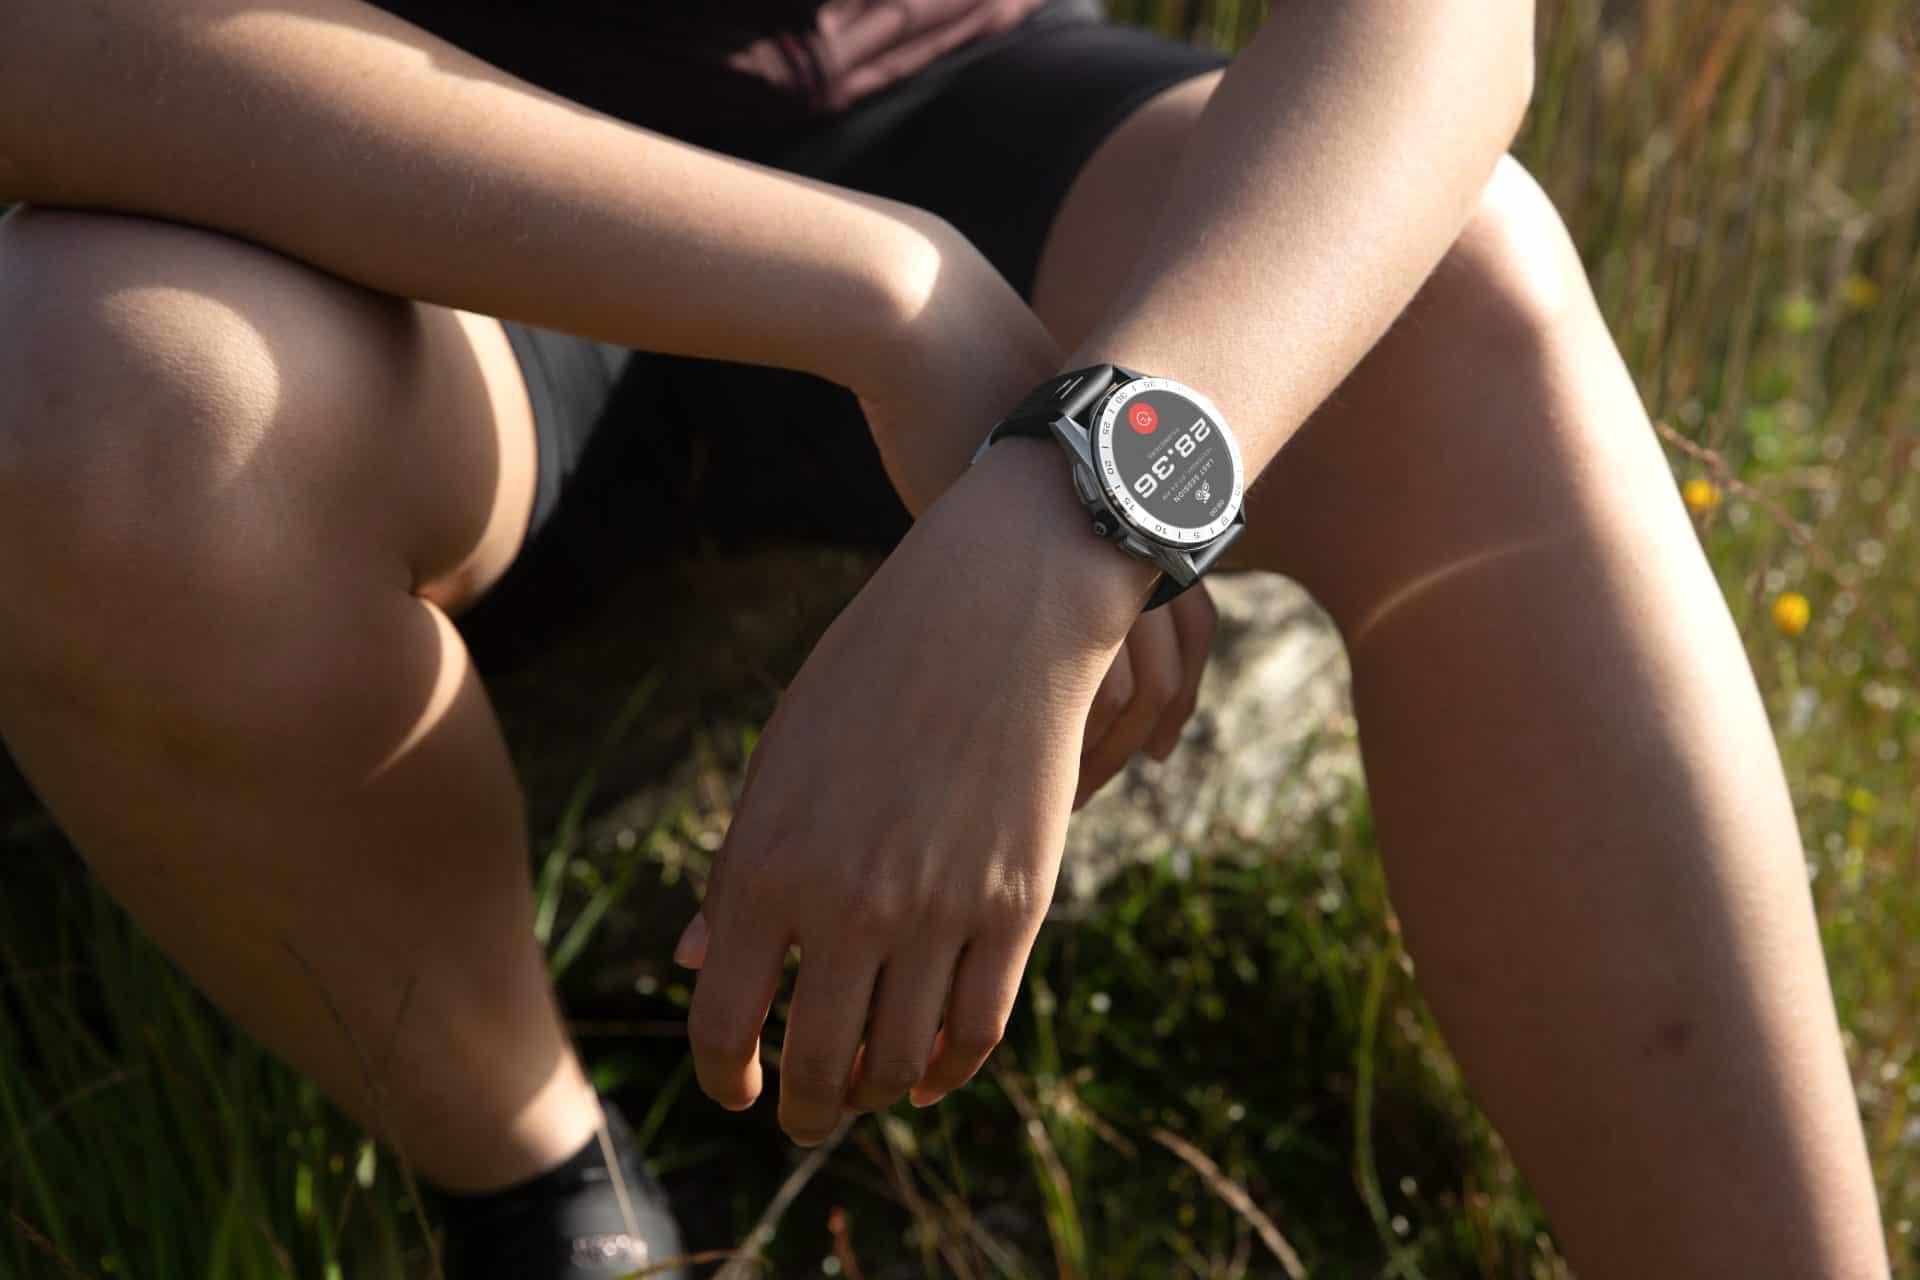 Auch im Sportmodus hat die TAG Heuer Smartwatch noch einen hohen Lifestyle-Faktor